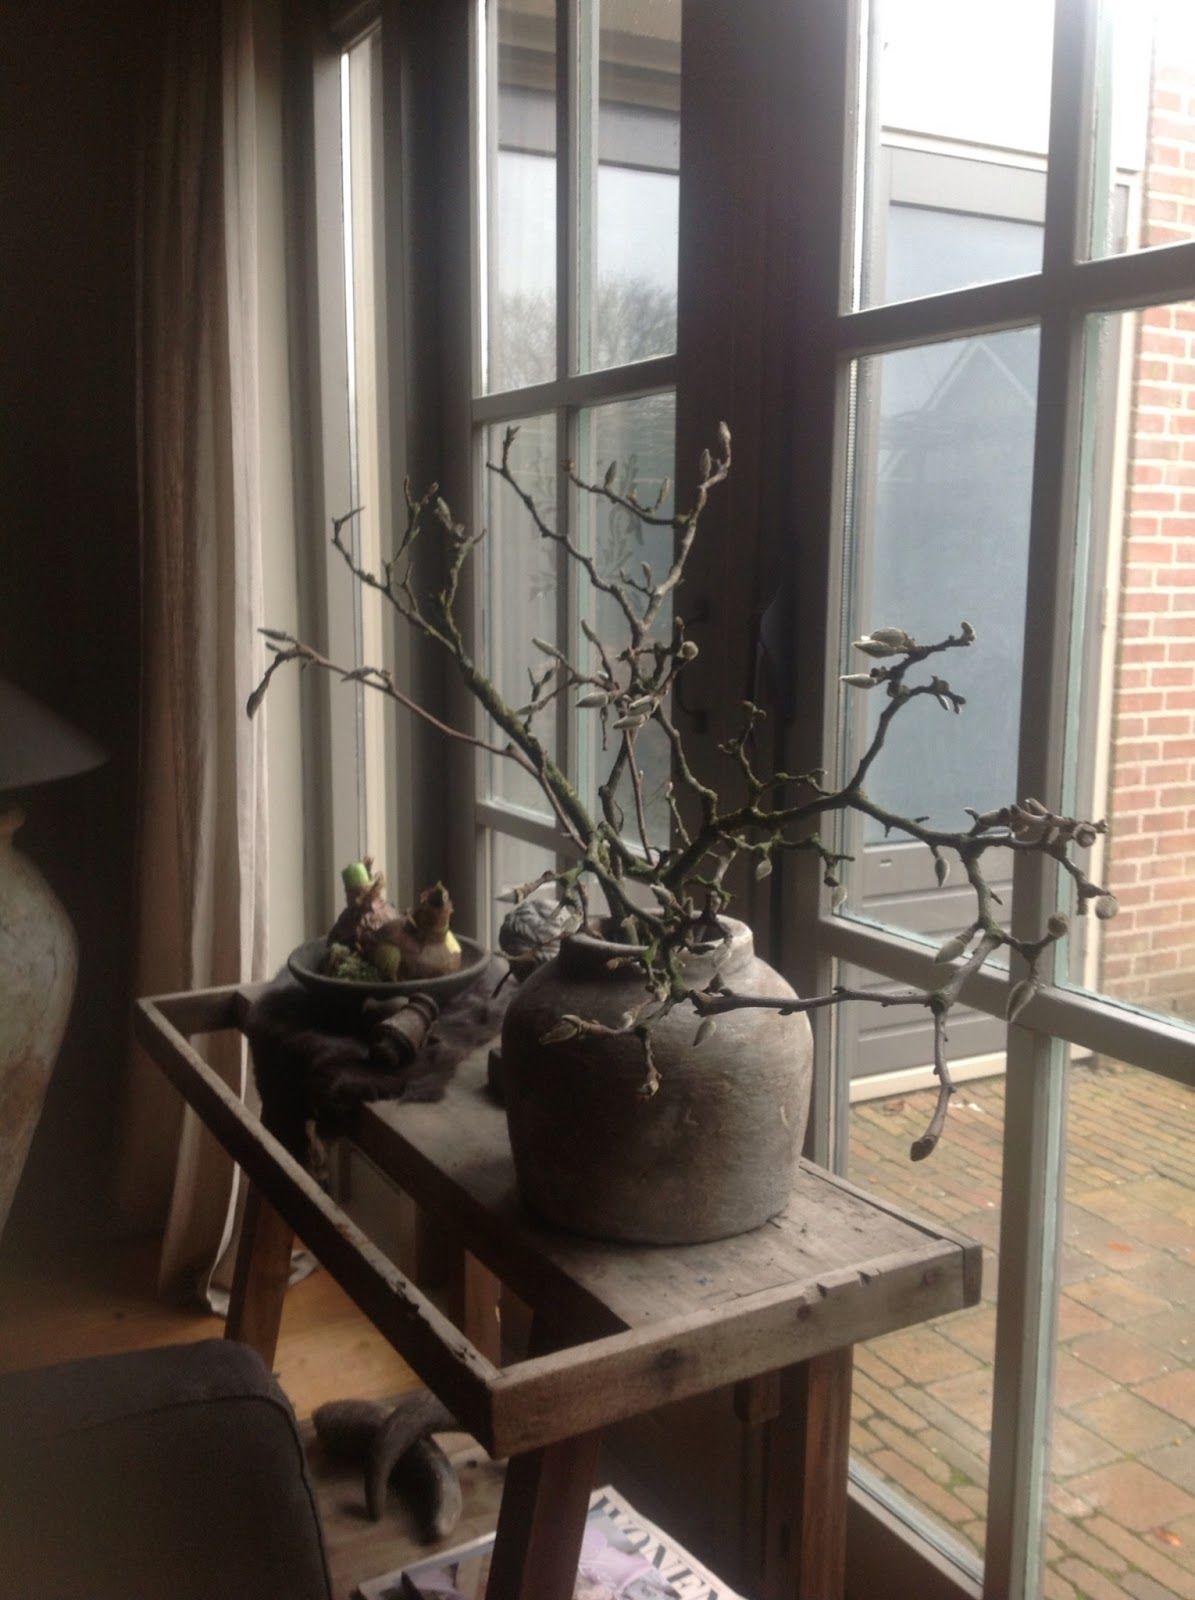 Pin van originstyle op wonen landelijke stijl rustieke for Wonen landelijke stijl decoreren